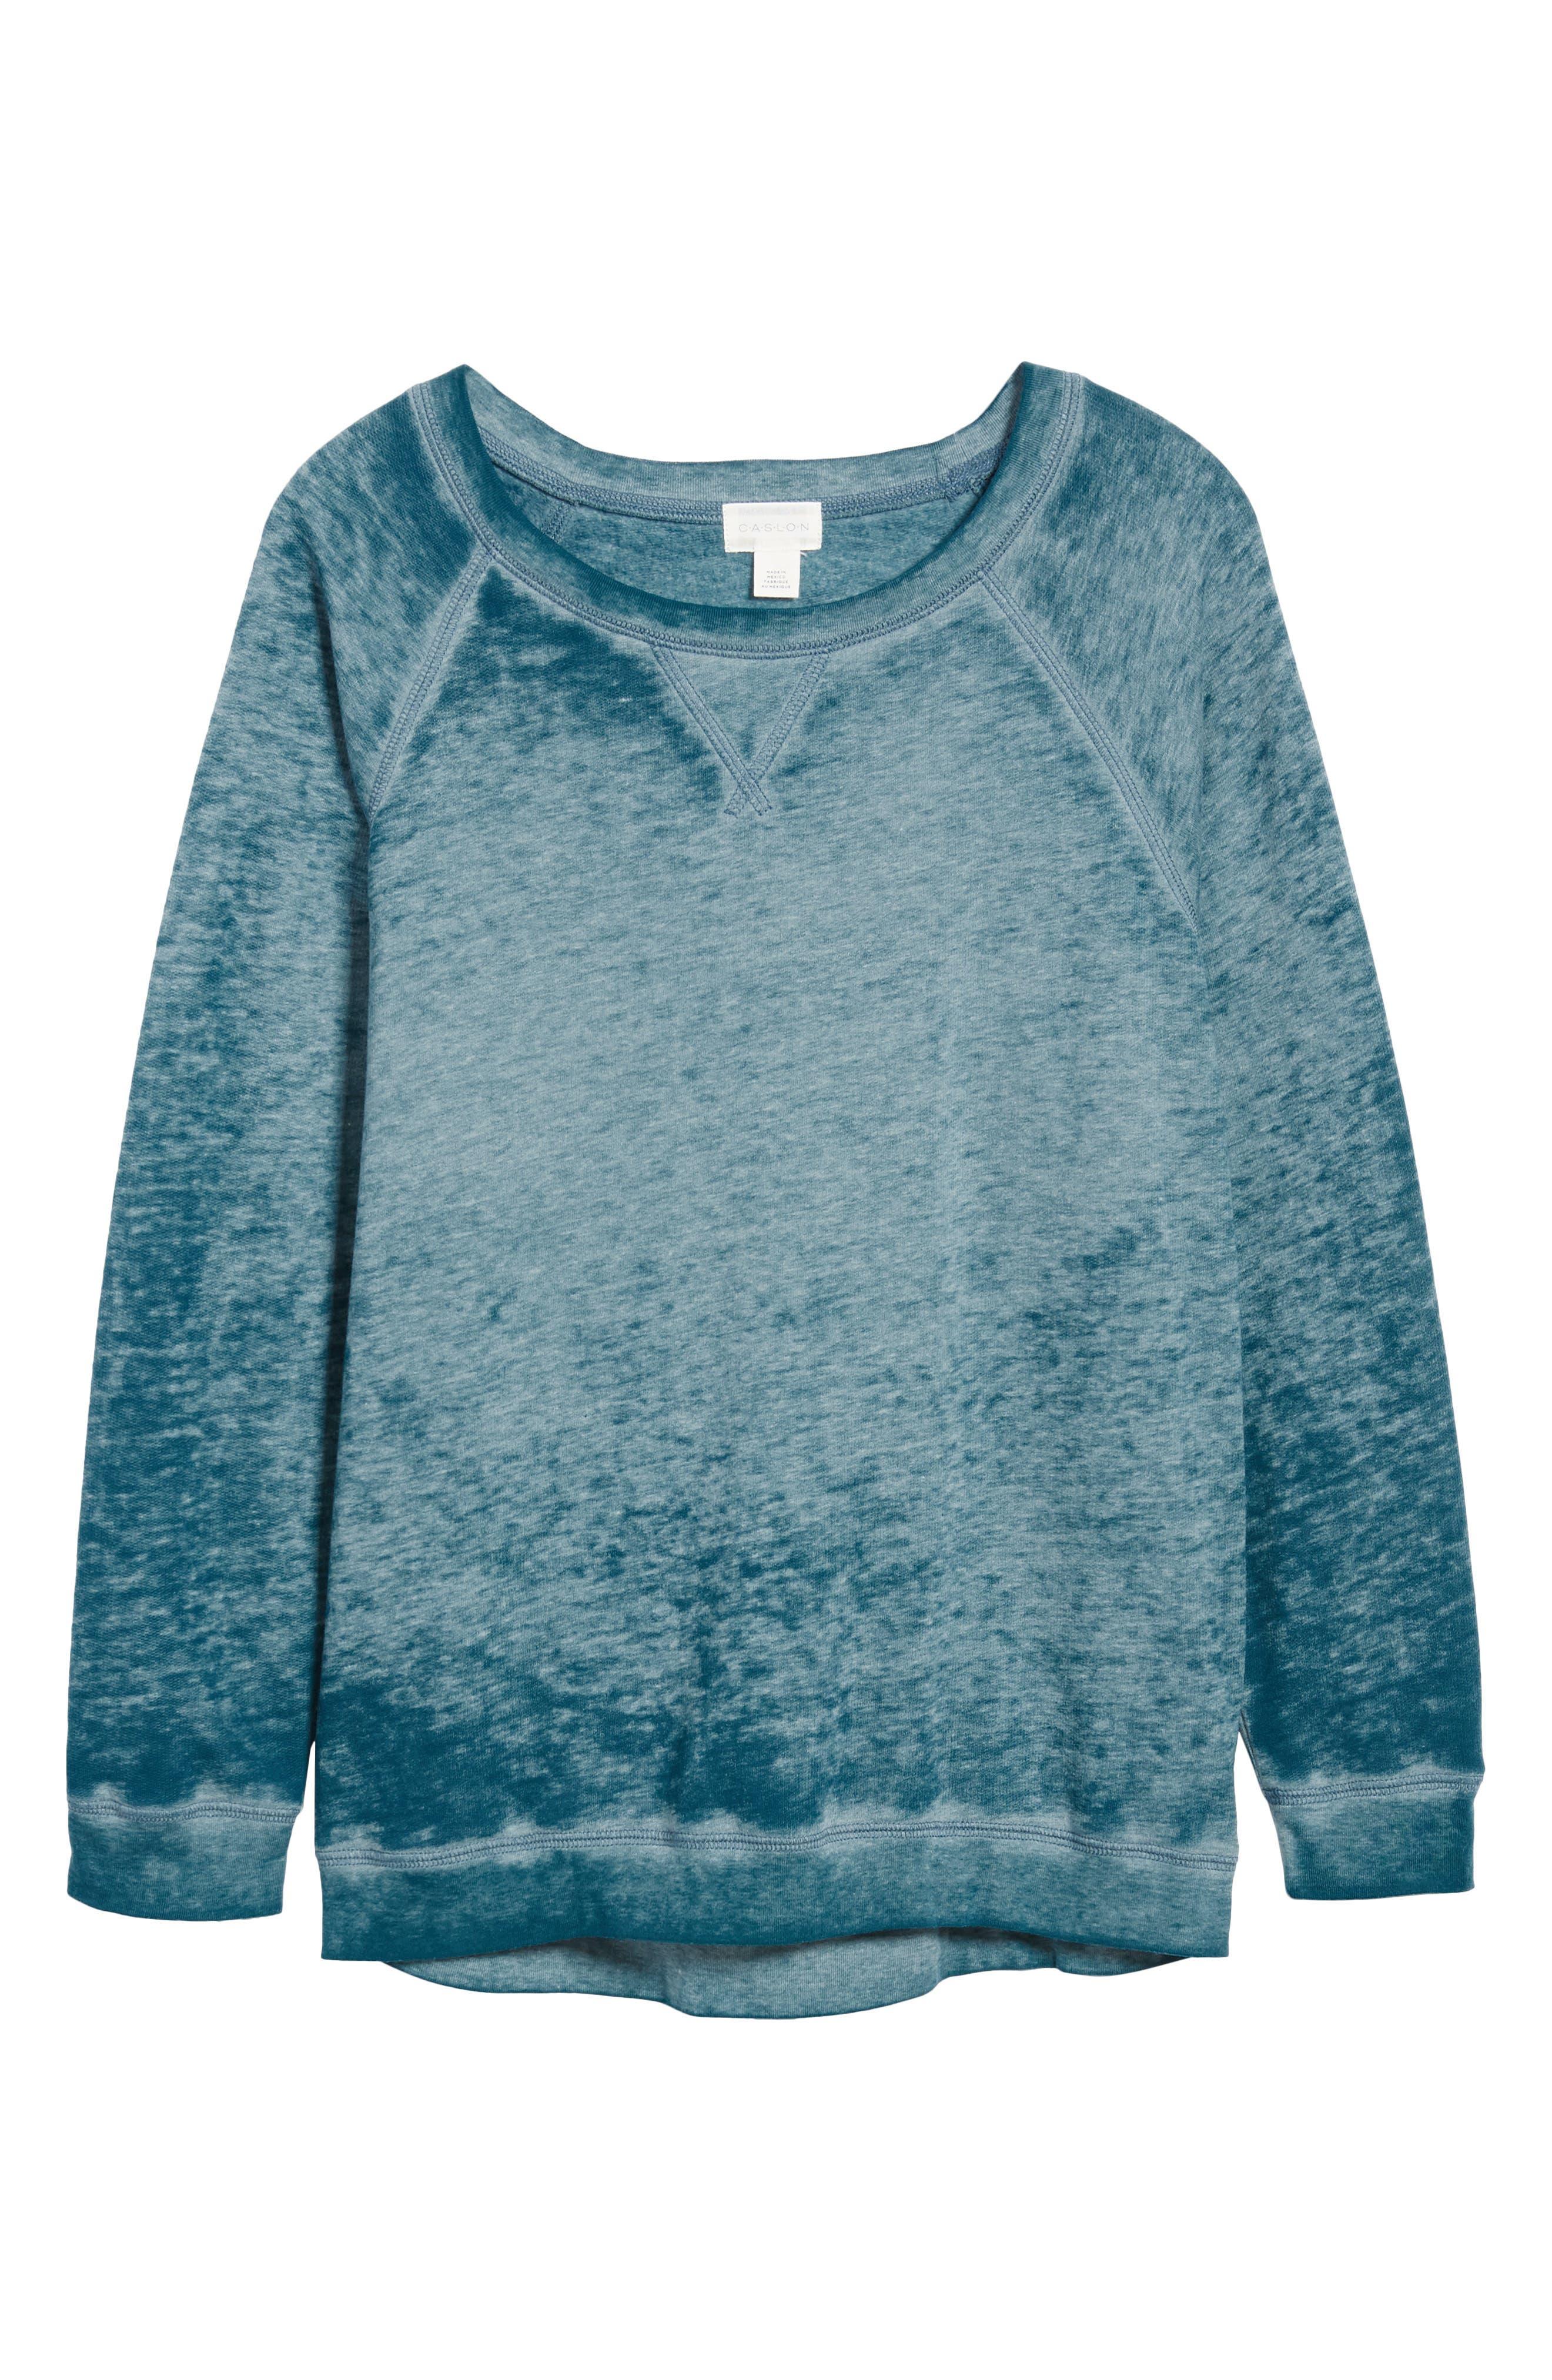 Burnout Sweatshirt,                             Alternate thumbnail 6, color,                             421